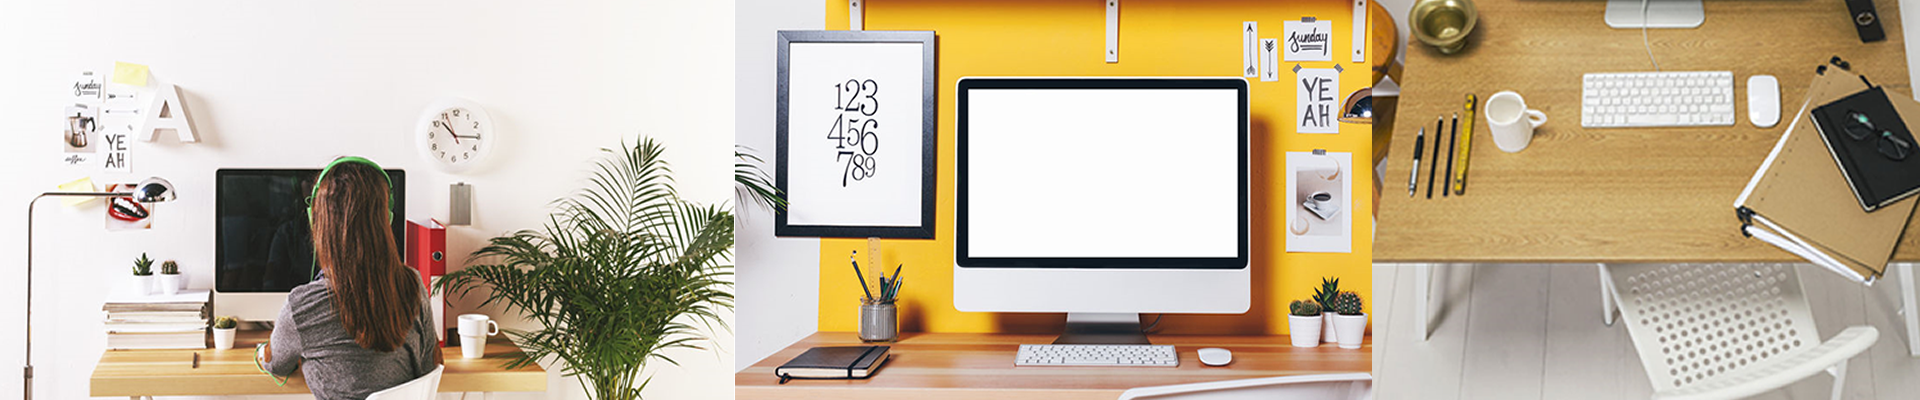 Office Desks | Home Office Desks & Furniture